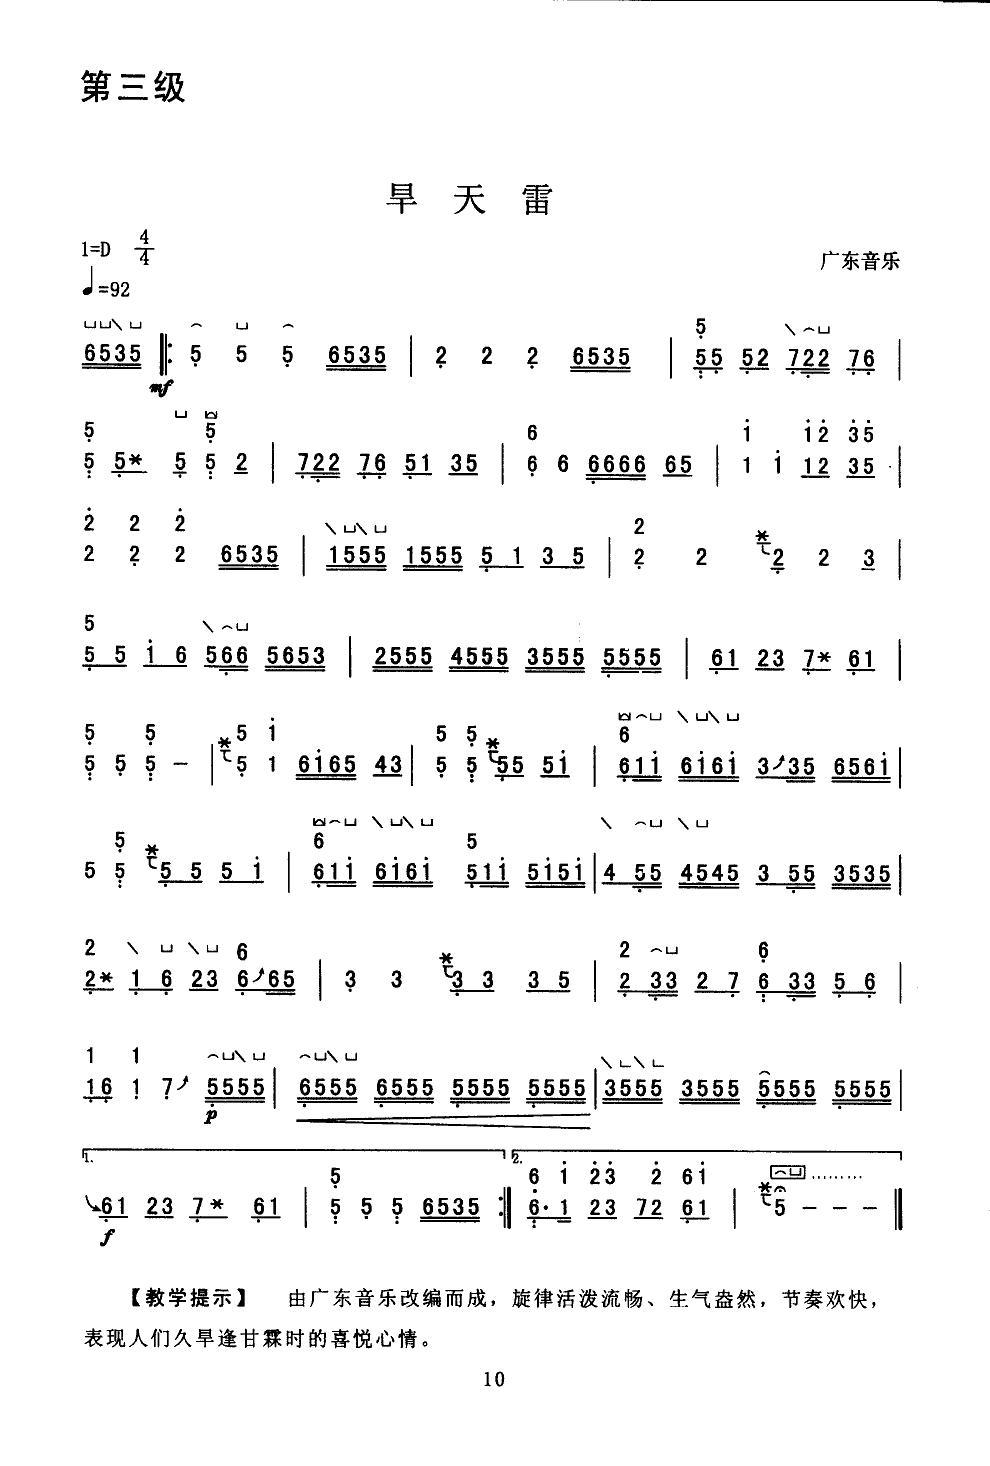 旱天雷(林玲编订版)(【上海筝会】考级三级曲目)